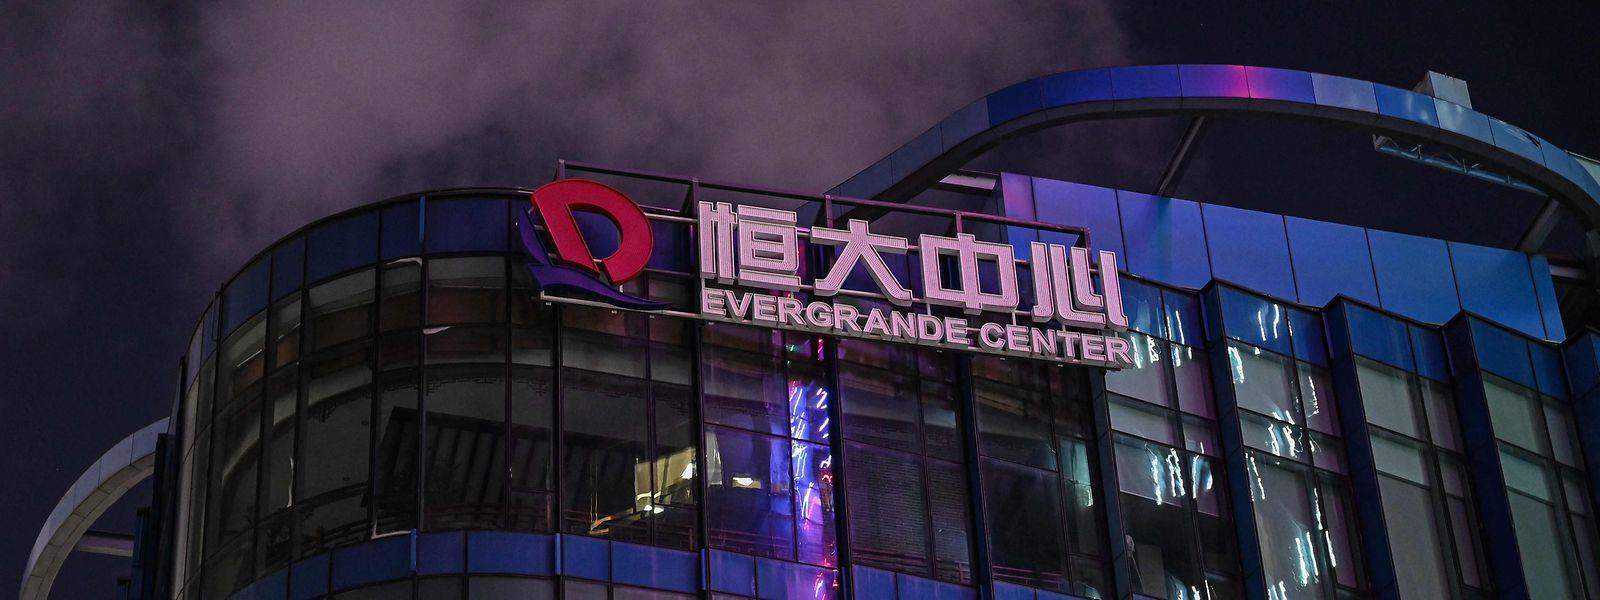 Evergrande, das zweitgrößte Immobilienunternehmen in China, wankt seit Wochen bedrohlich.